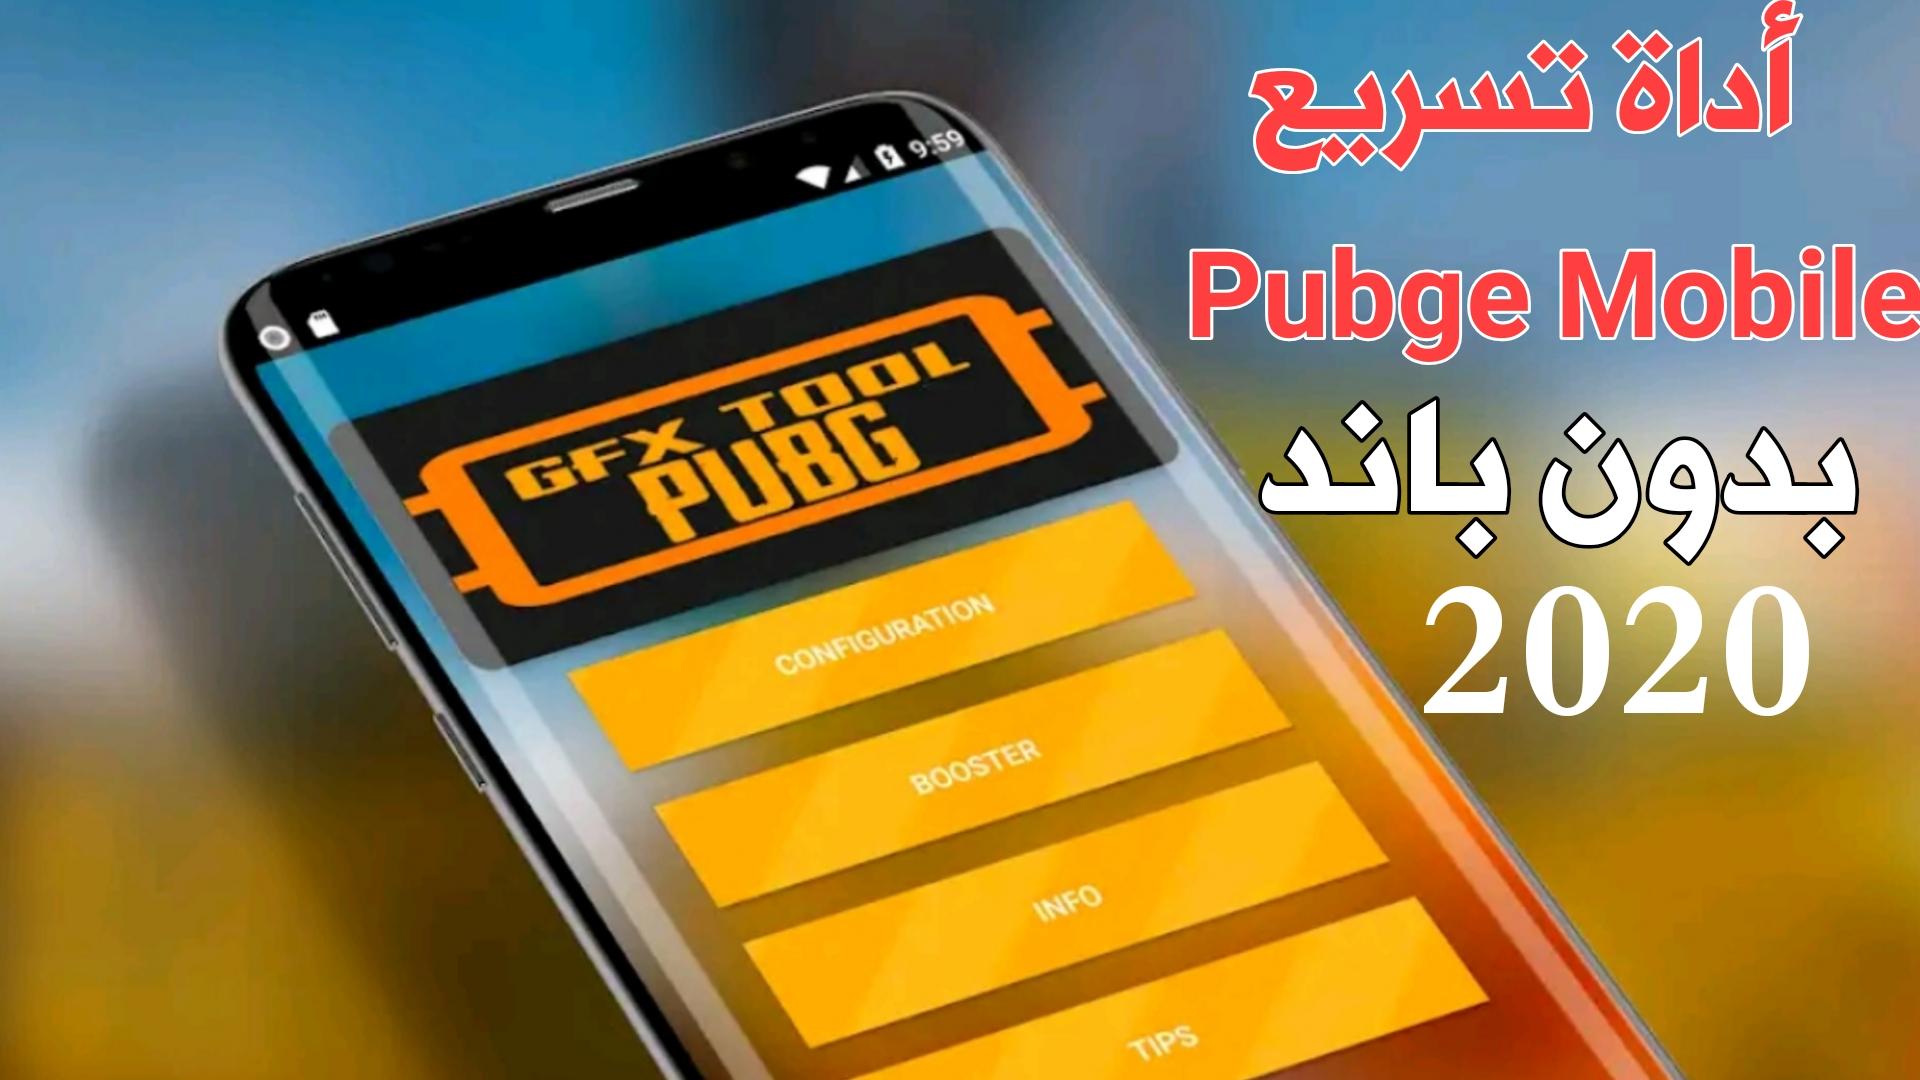 أداة حل مشاكل Pubge Mobile على الأجهزة الضعيفة والمتوسطة وبدون باند